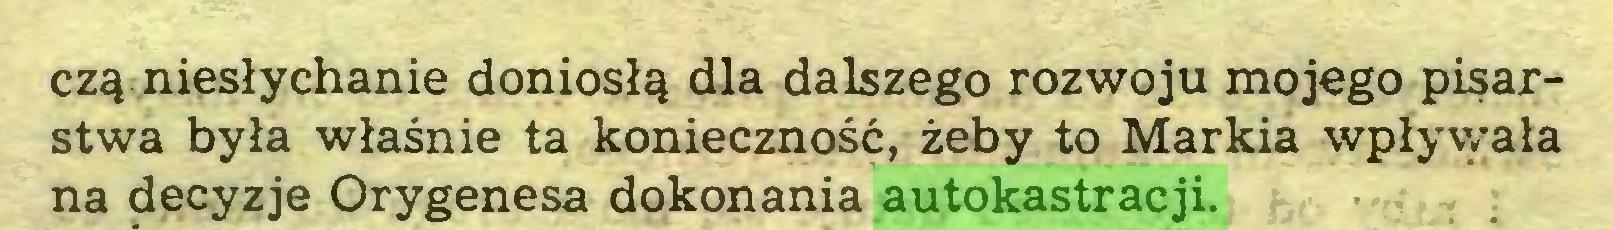 (...) czą niesłychanie doniosłą dla dalszego rozwoju mojego pisarstwa była właśnie ta konieczność, żeby to Markia wpływała na decyzje Orygenesa dokonania autokastracji...